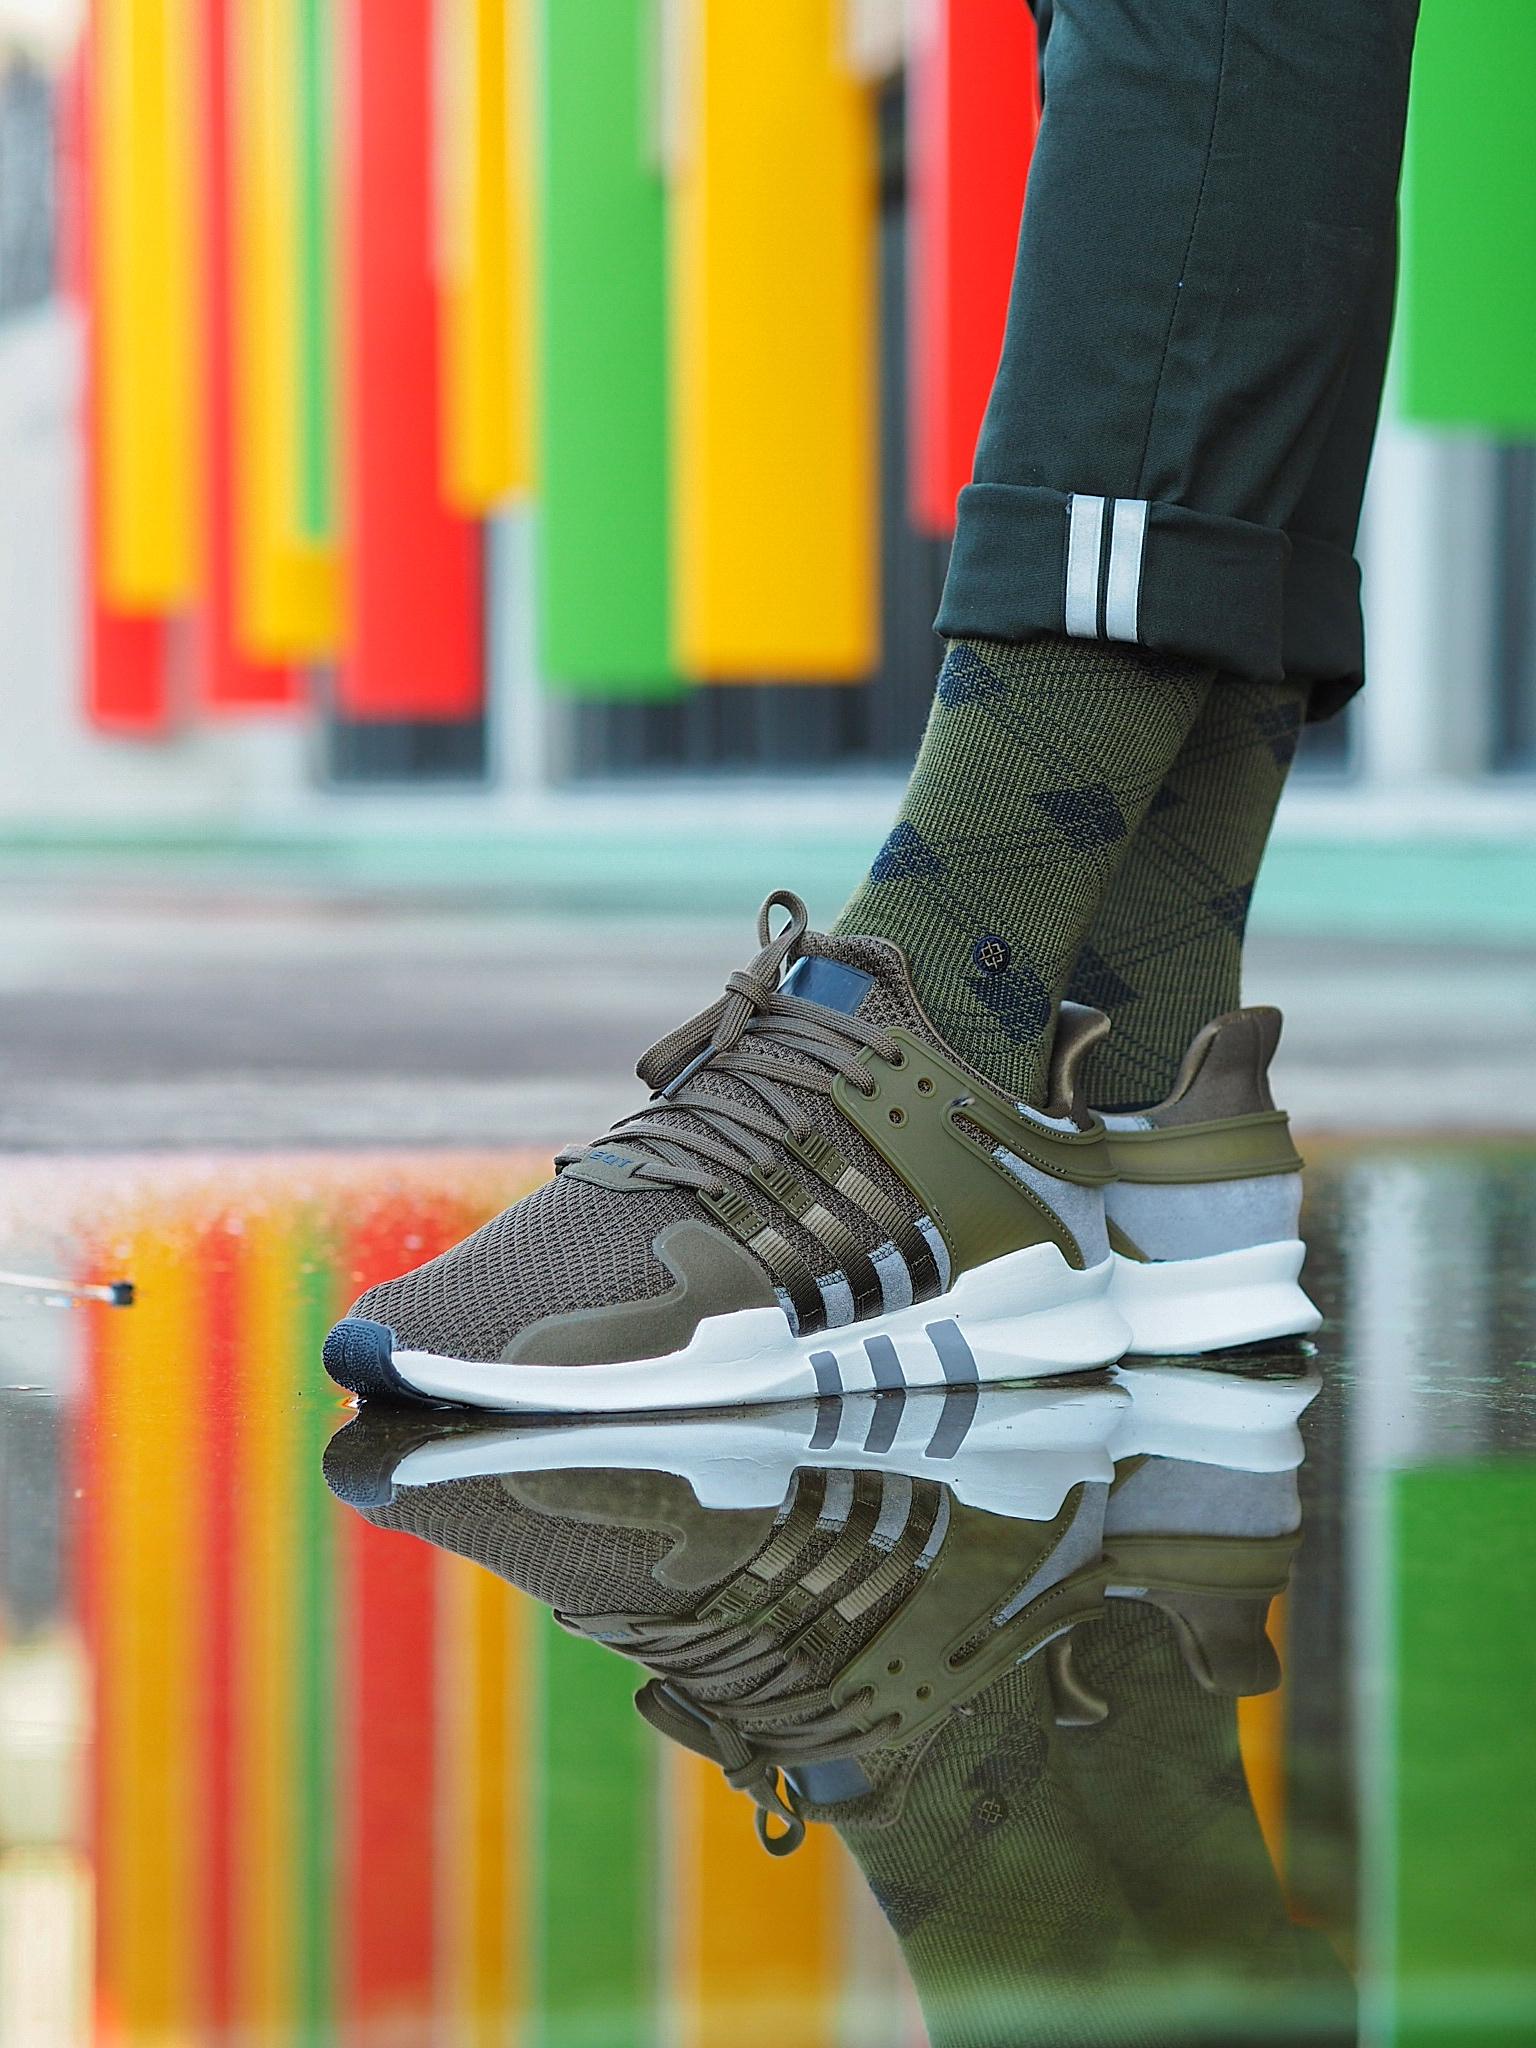 Exclusif Kaki Adidas » Courir Originals Eqt Adv Support « nwkOP8X0